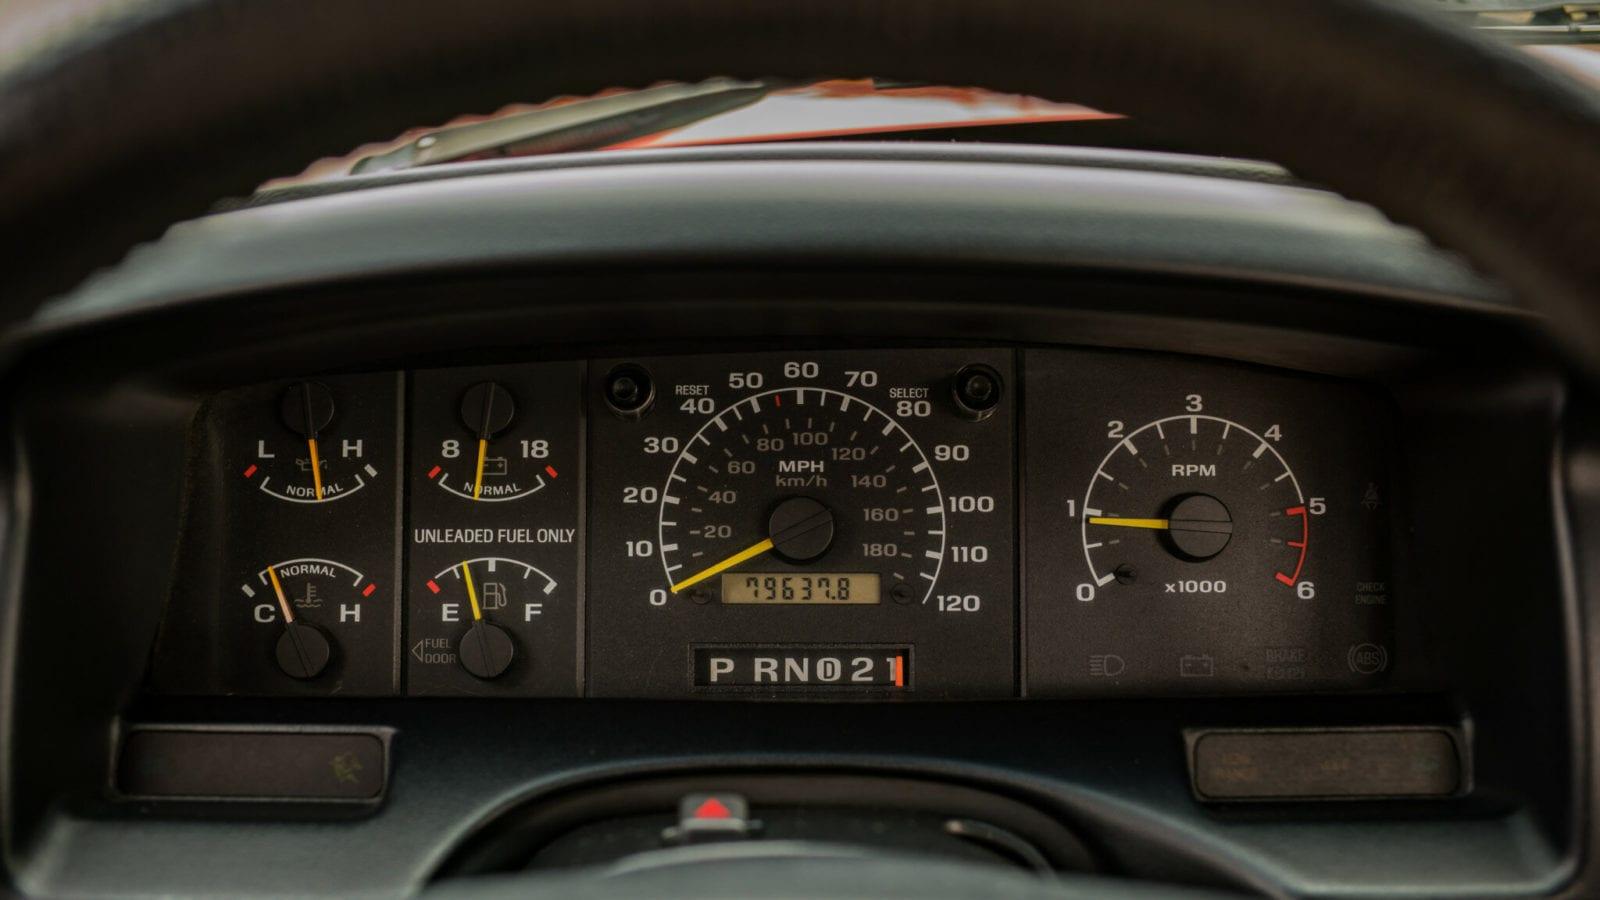 ford-f-150-svt-lightning-1993-1995-kvadratnaya-molniya